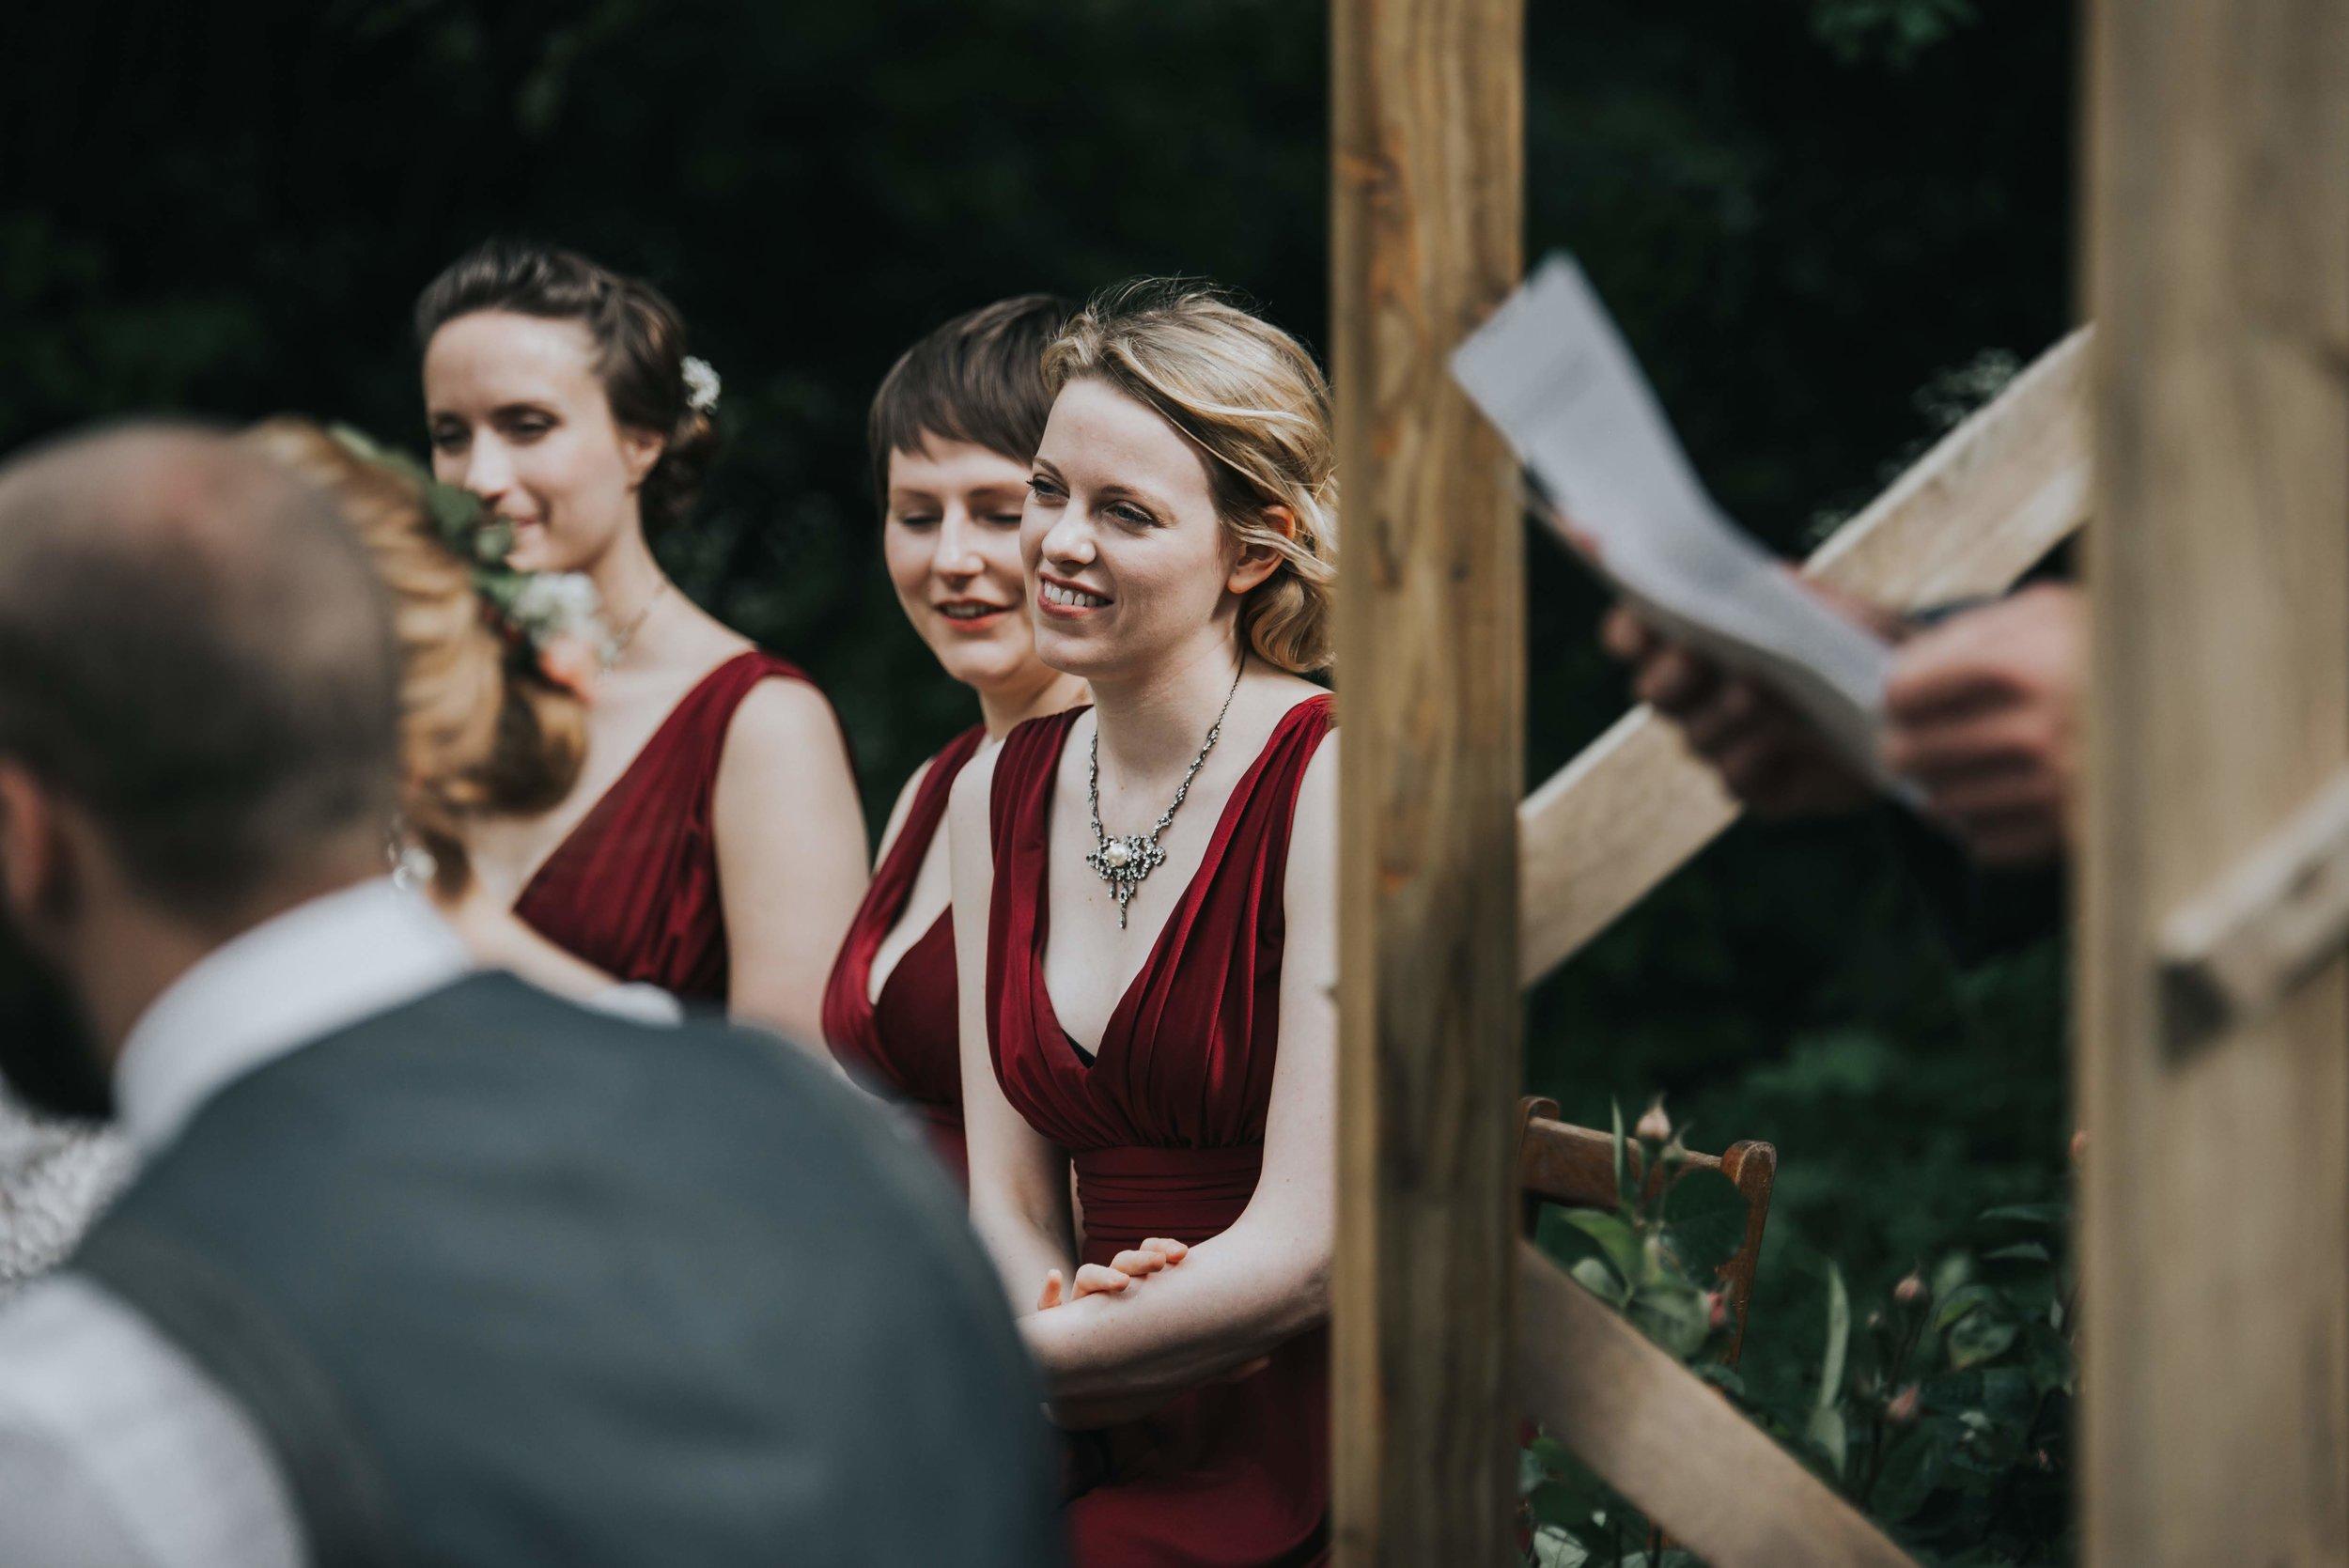 Moot Hall wedding photography